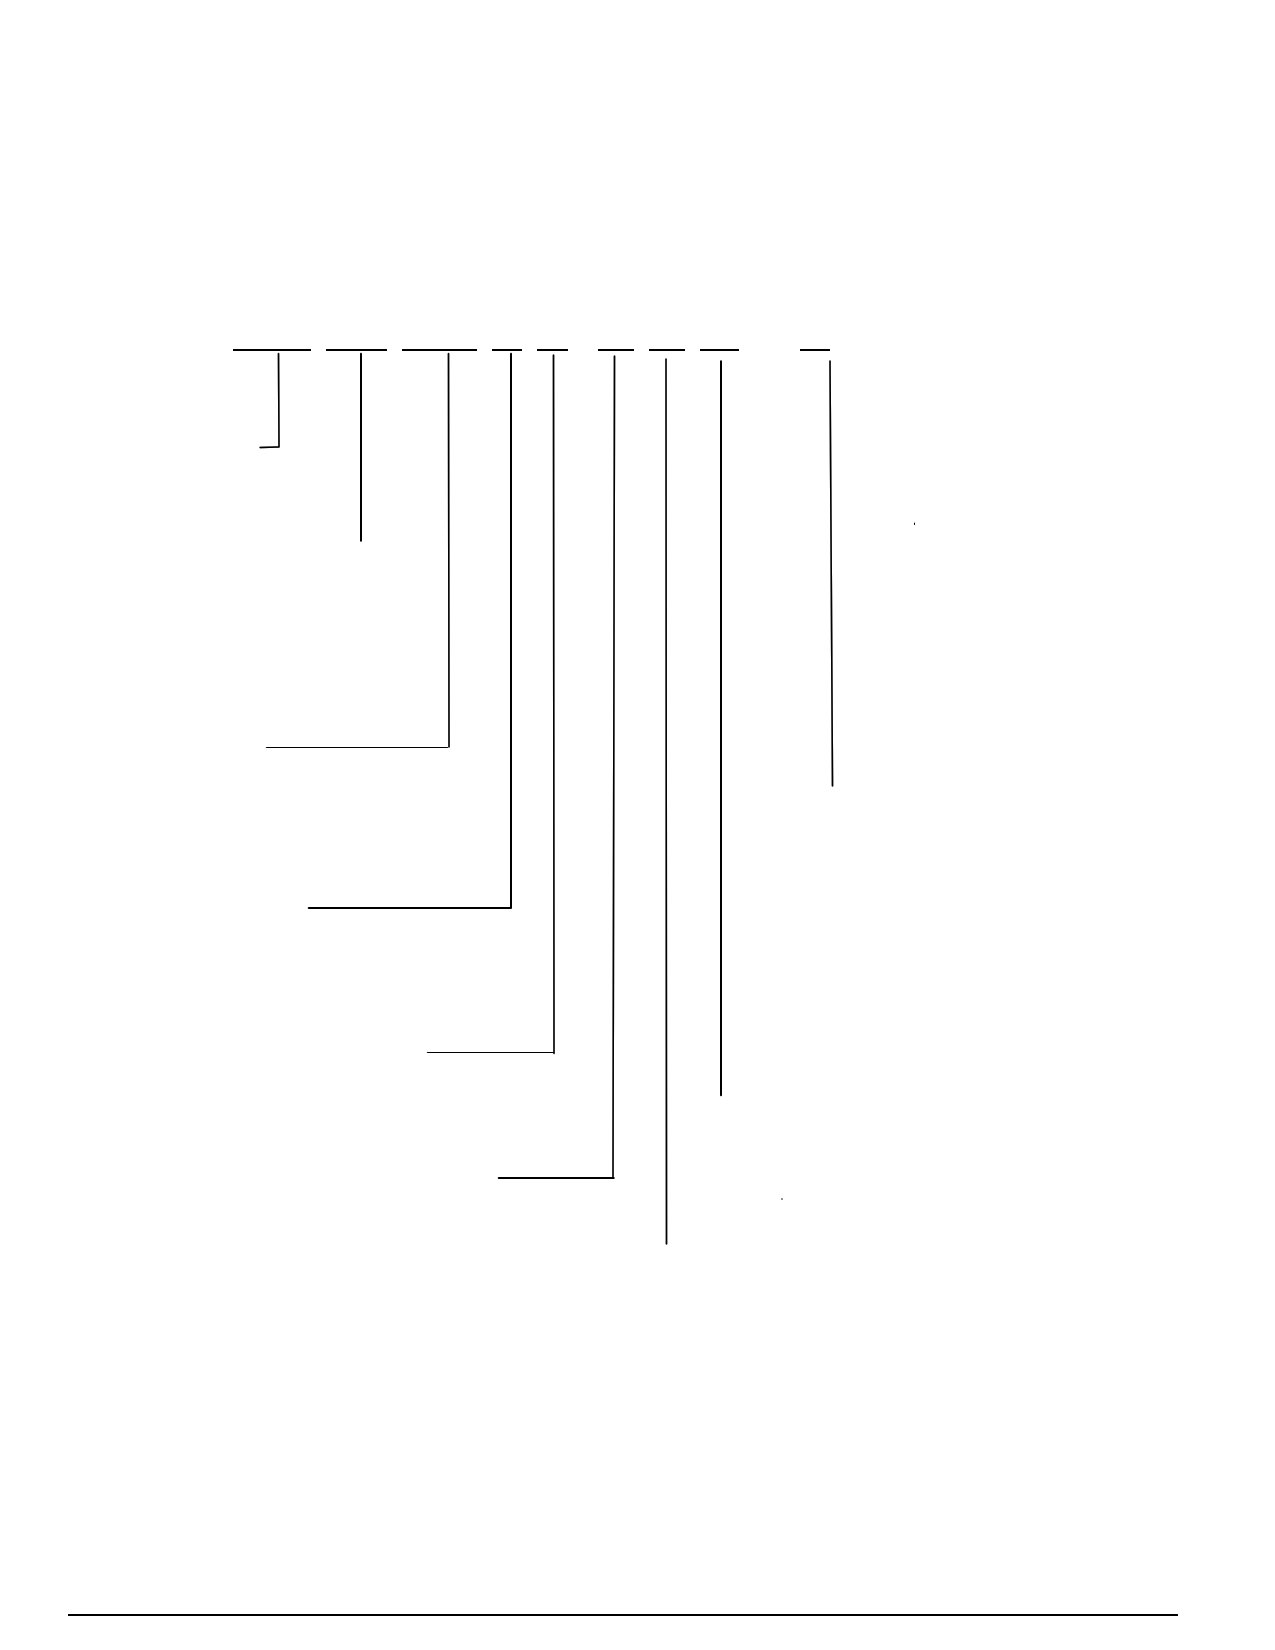 AD401M84VSA-5 pdf, schematic